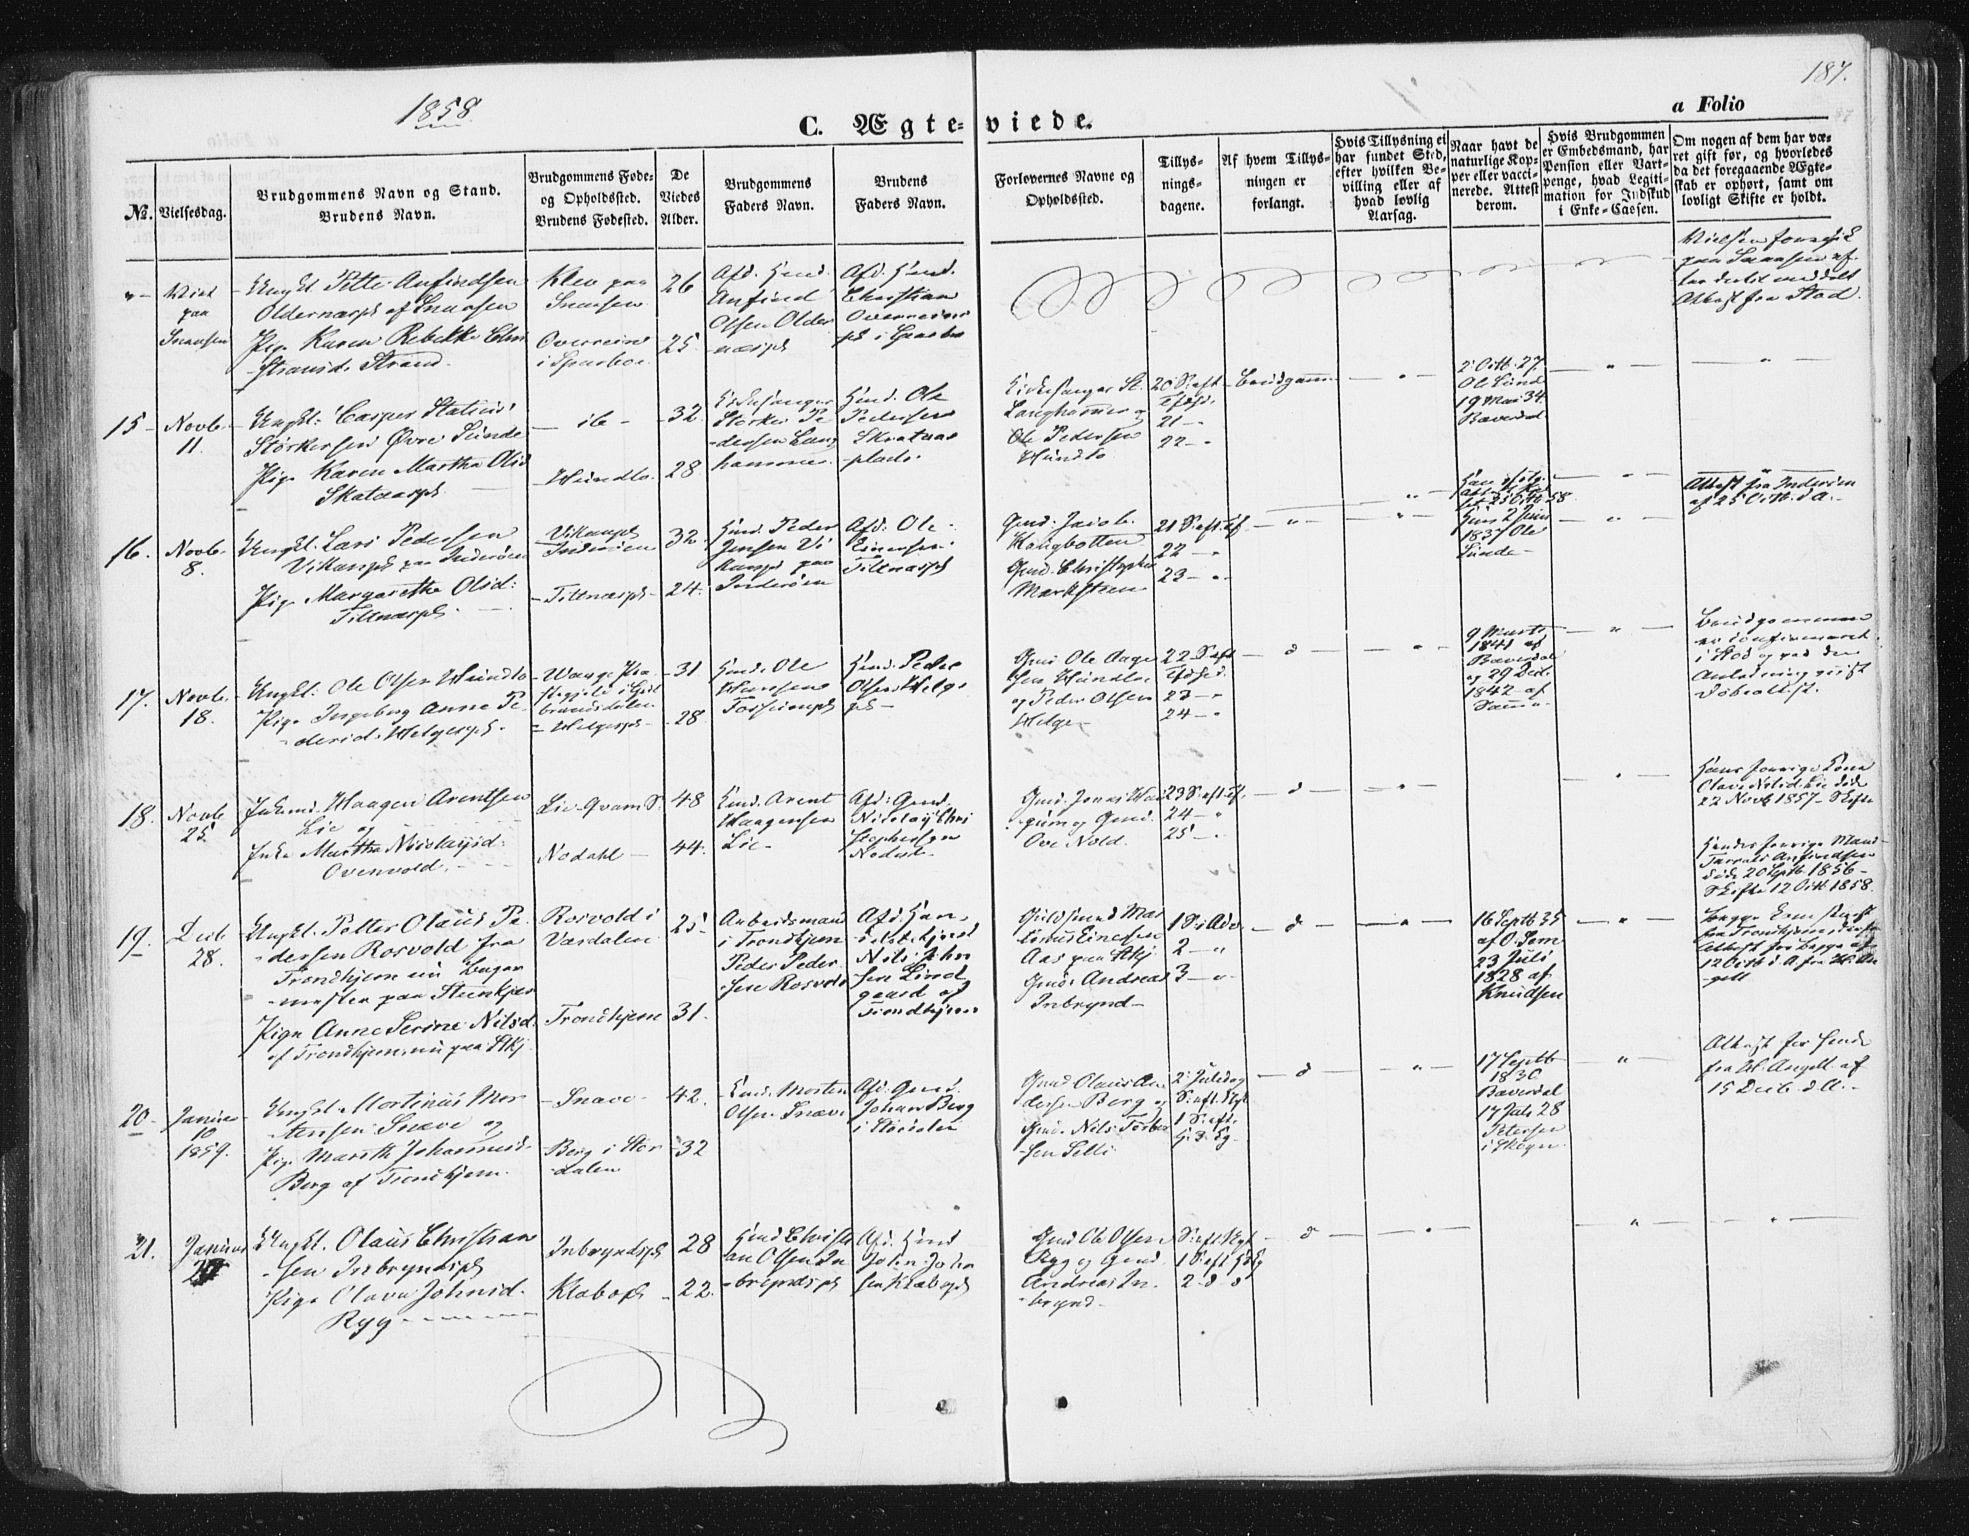 SAT, Ministerialprotokoller, klokkerbøker og fødselsregistre - Nord-Trøndelag, 746/L0446: Ministerialbok nr. 746A05, 1846-1859, s. 187